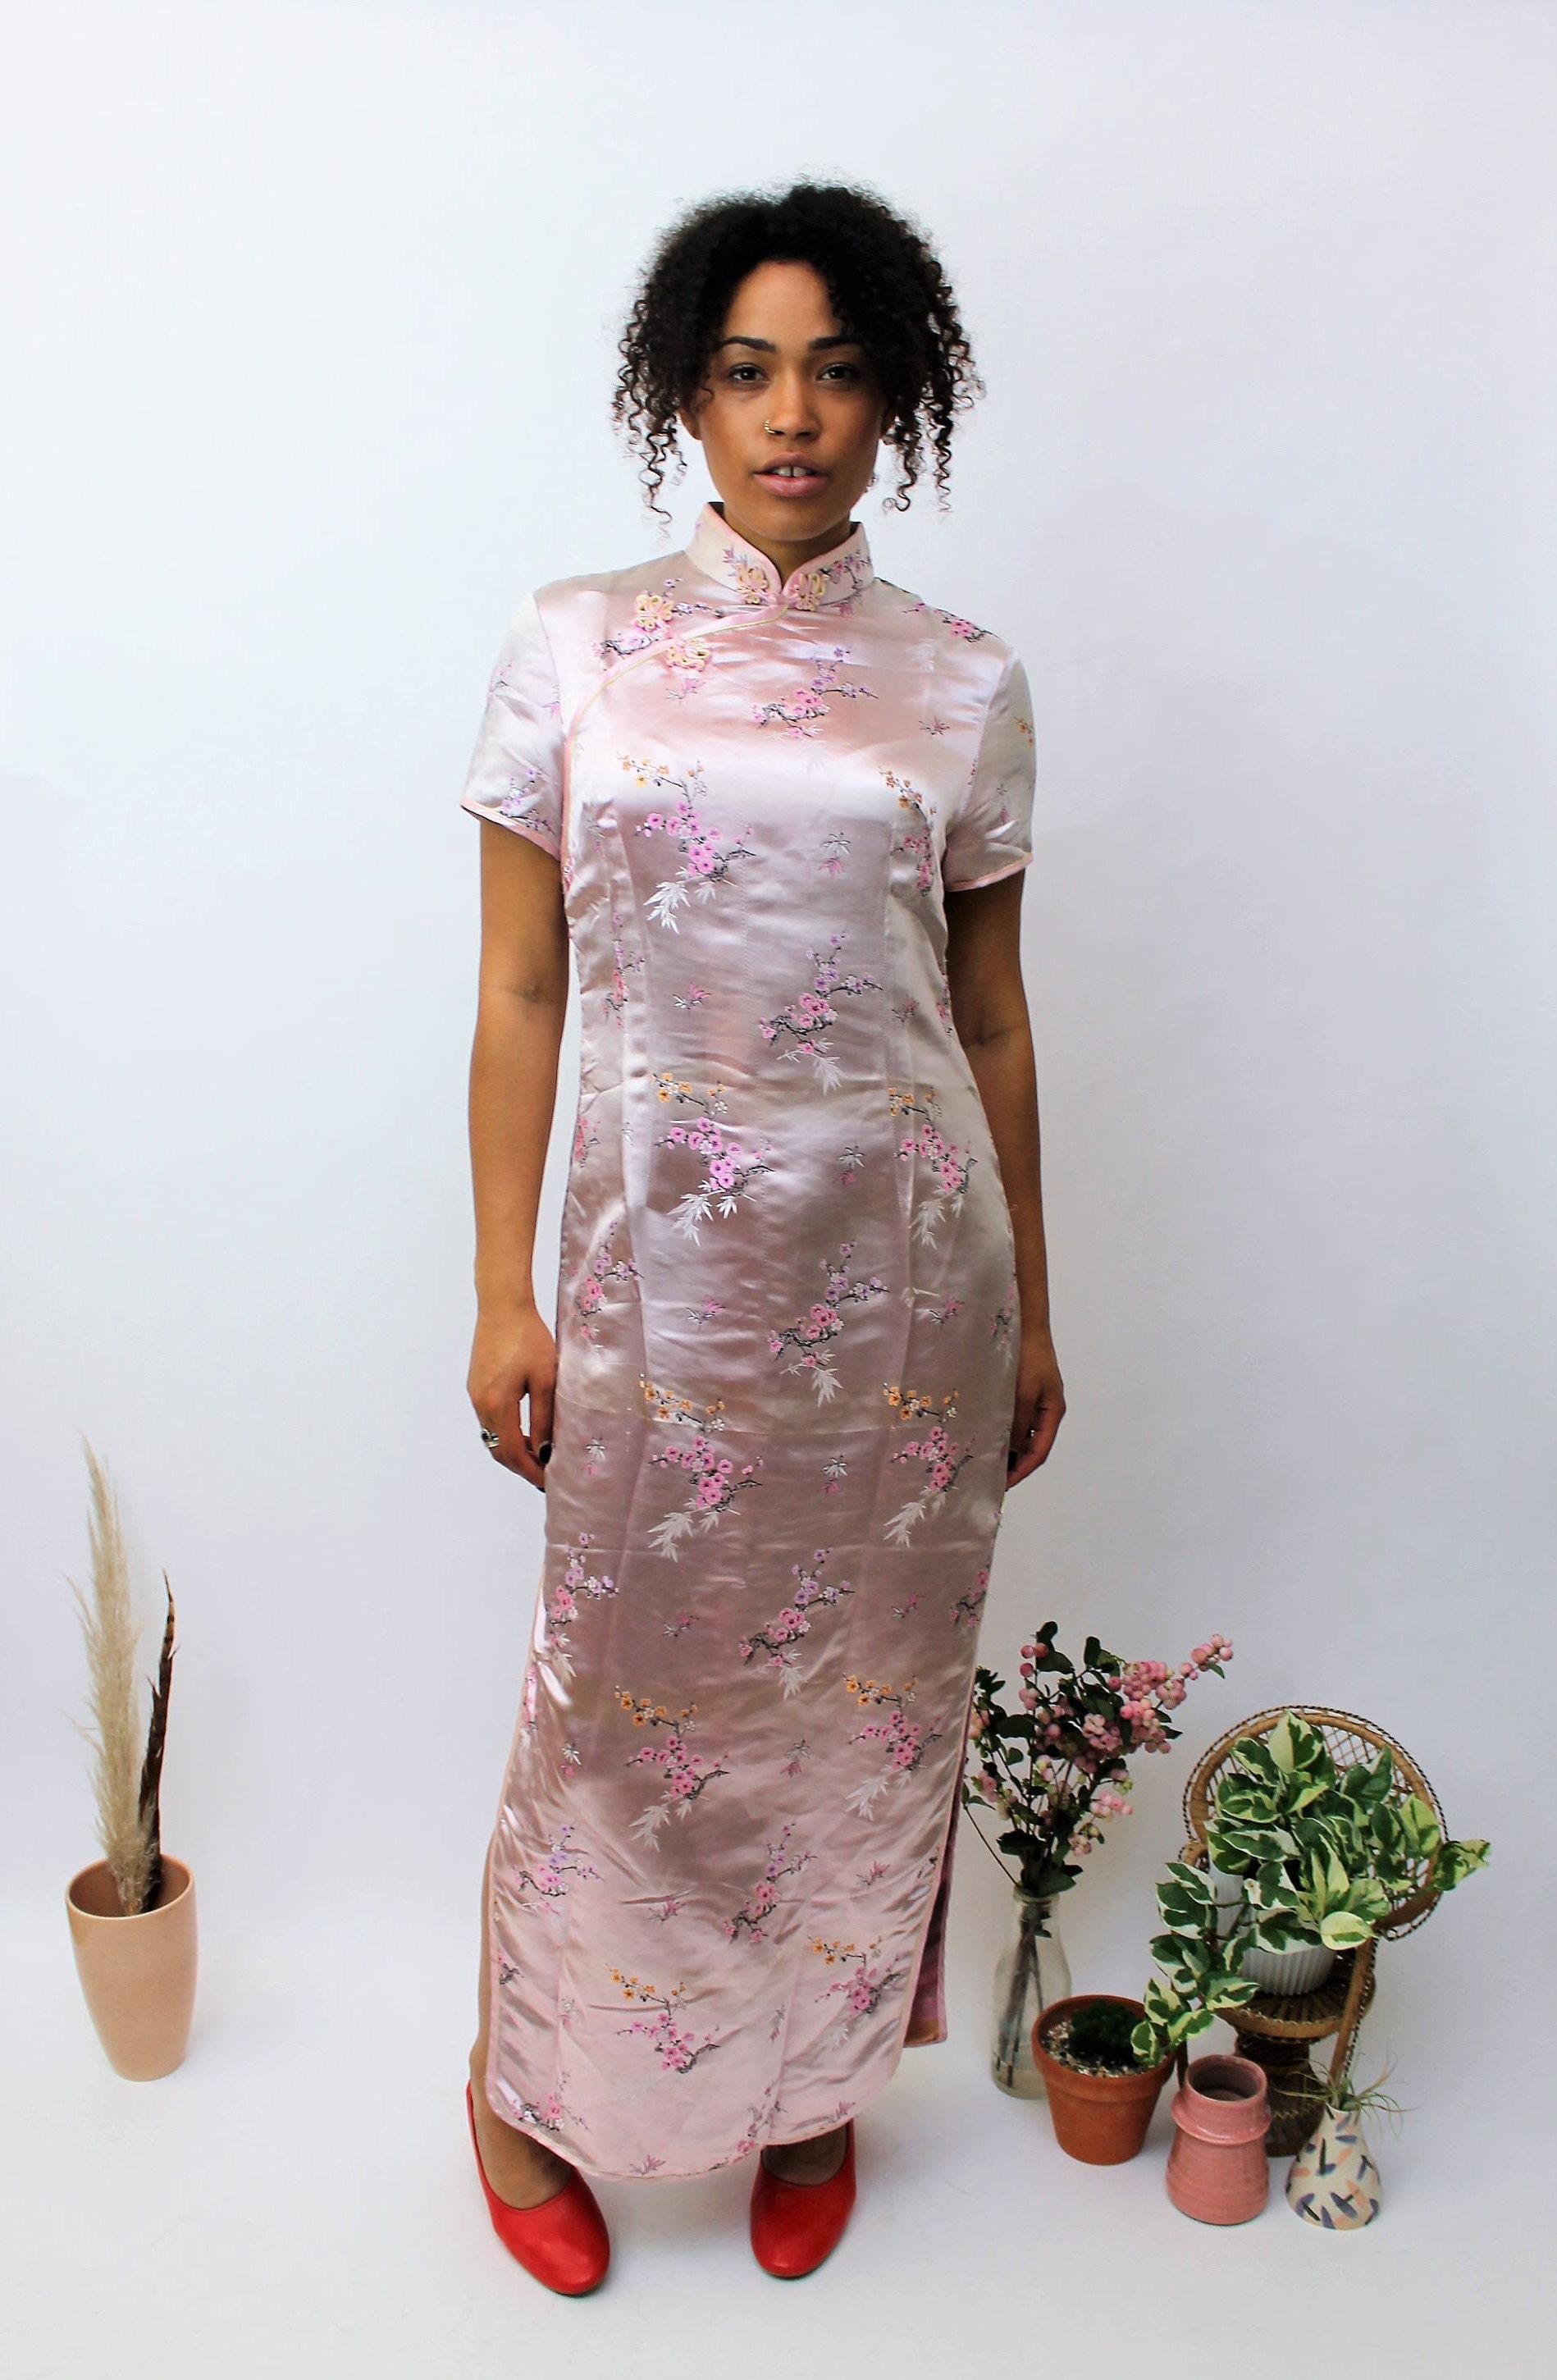 Chinese Baby Pink Cheongsam Dress Size UK 12 US 8 EU 40